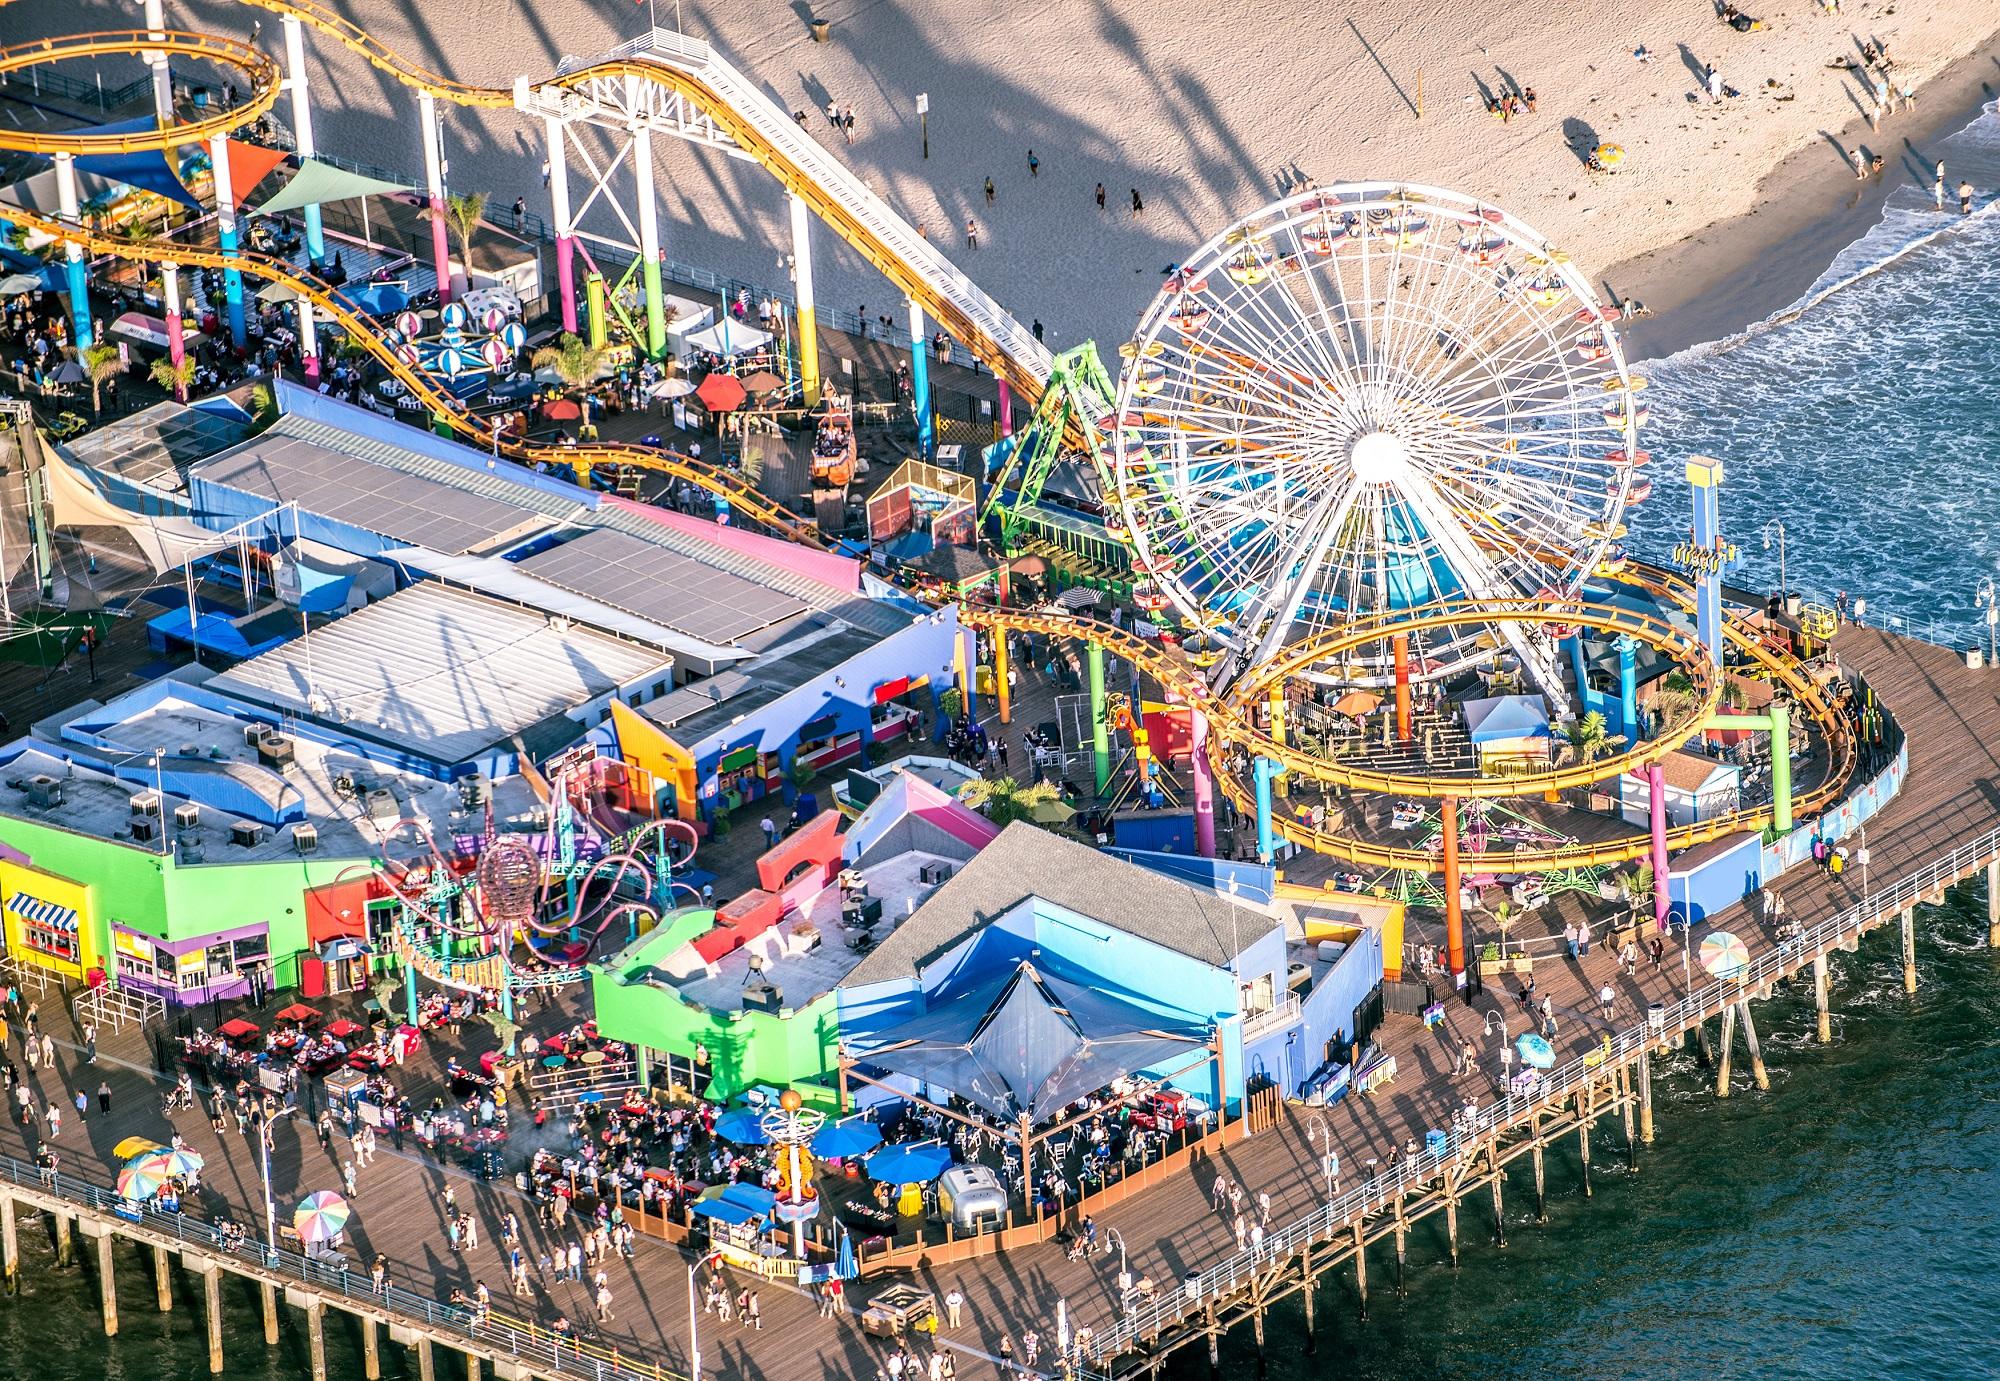 Slide 94 of 100: Santa Monica pier